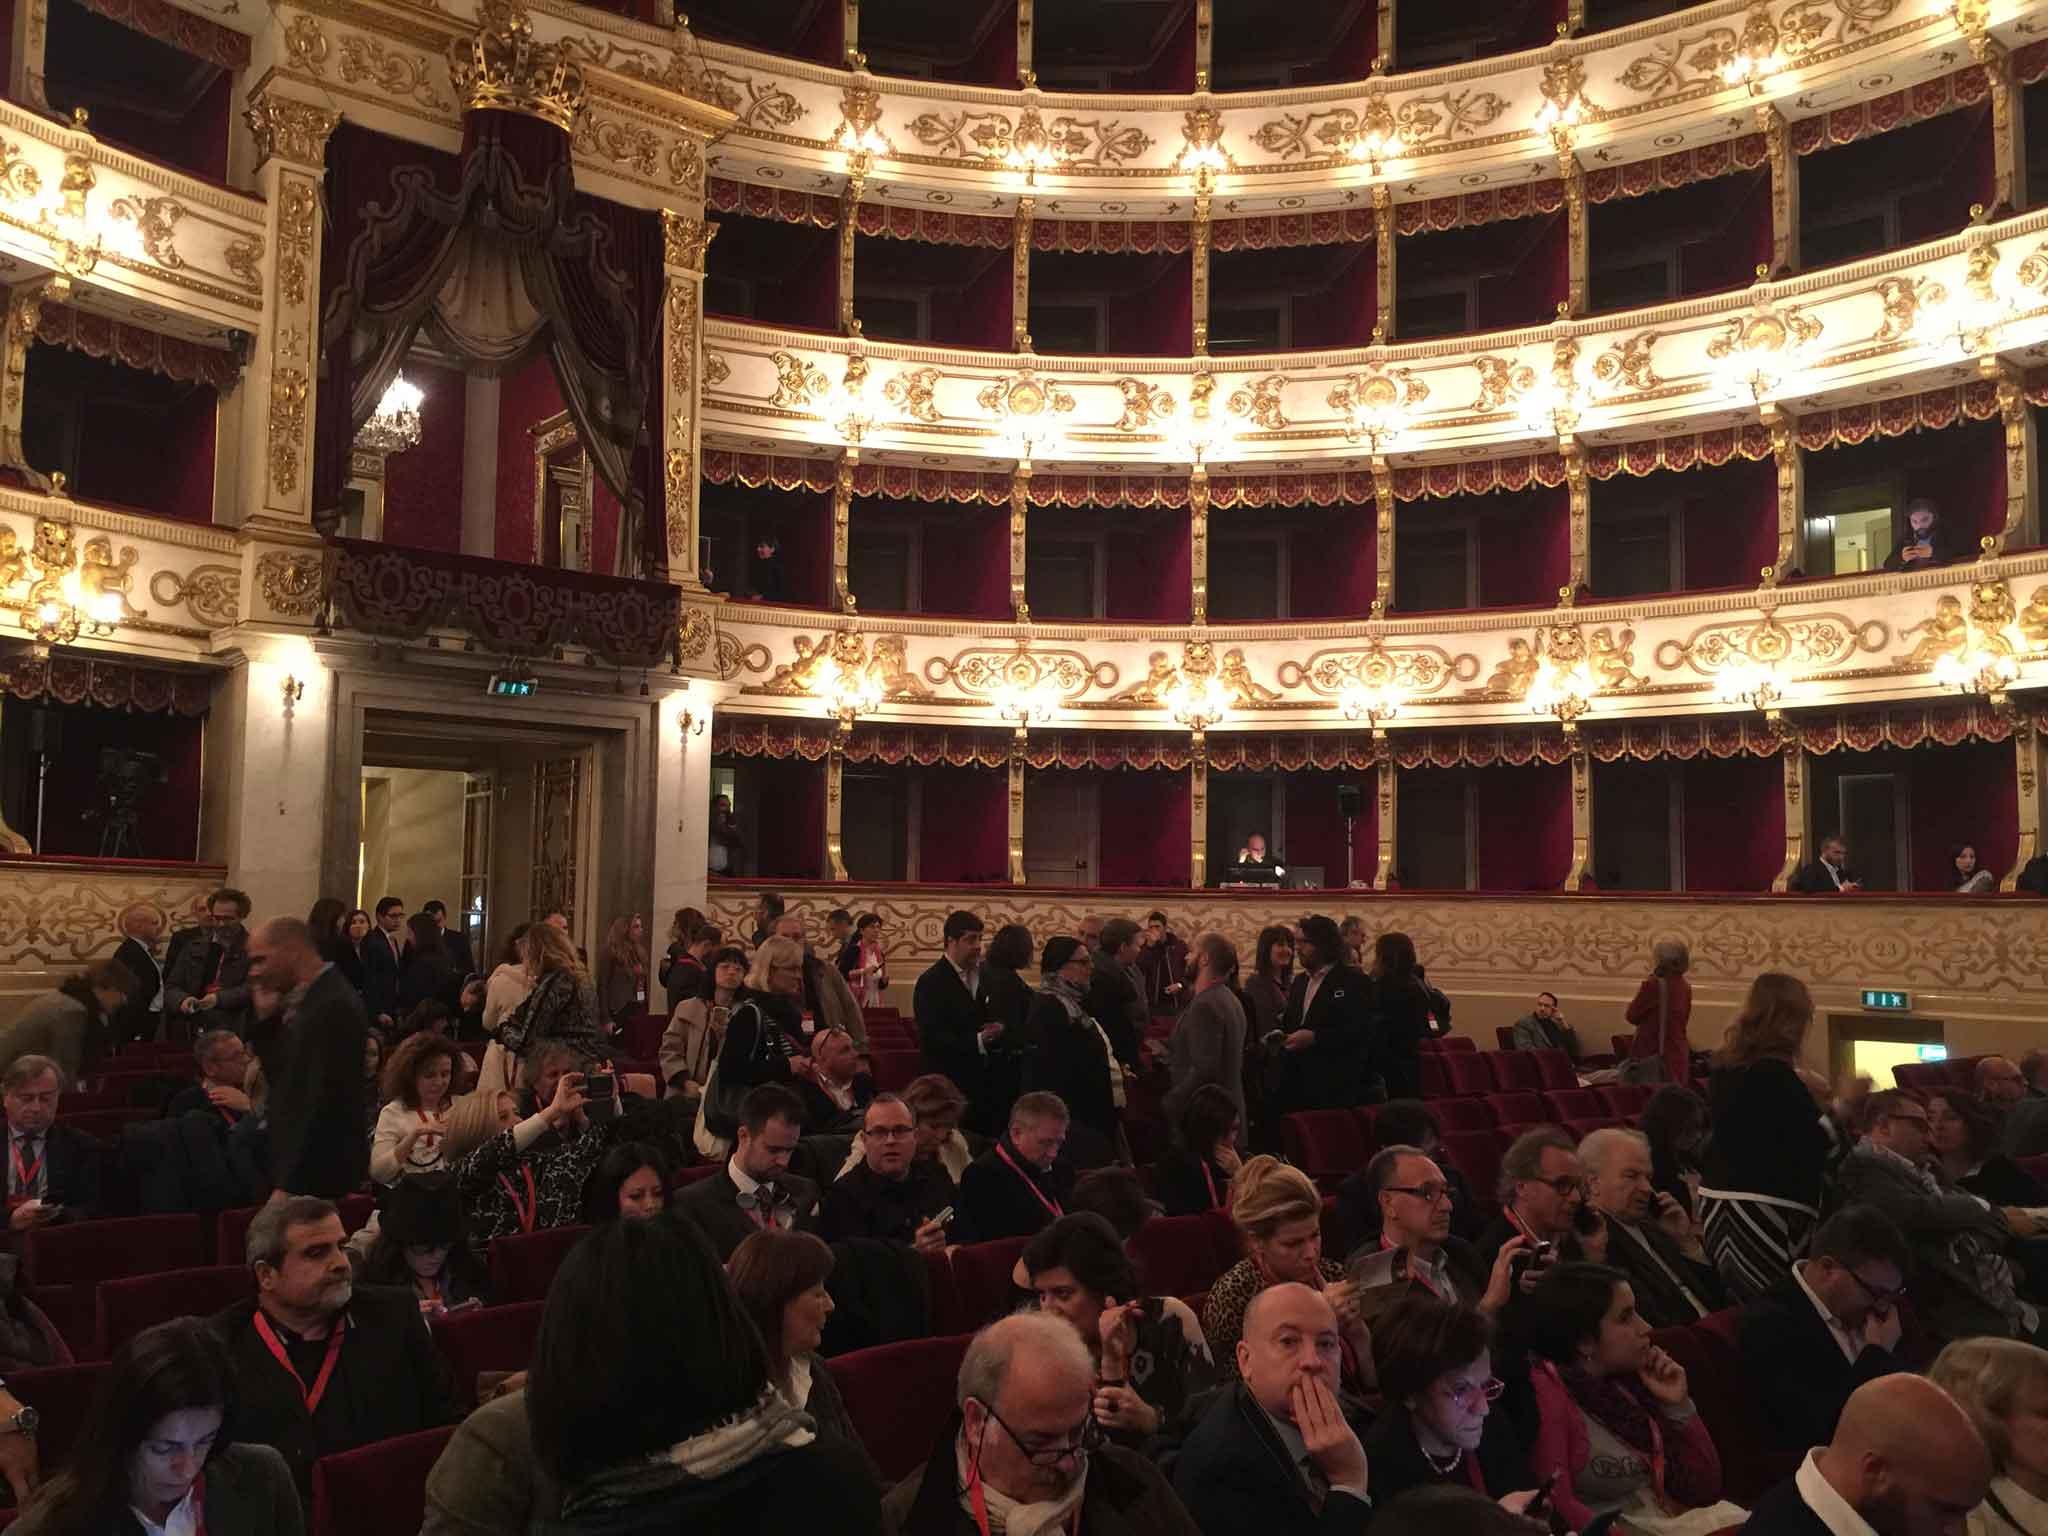 guida-michelin-2017-ristoranti-italia-parma-teatro-regio